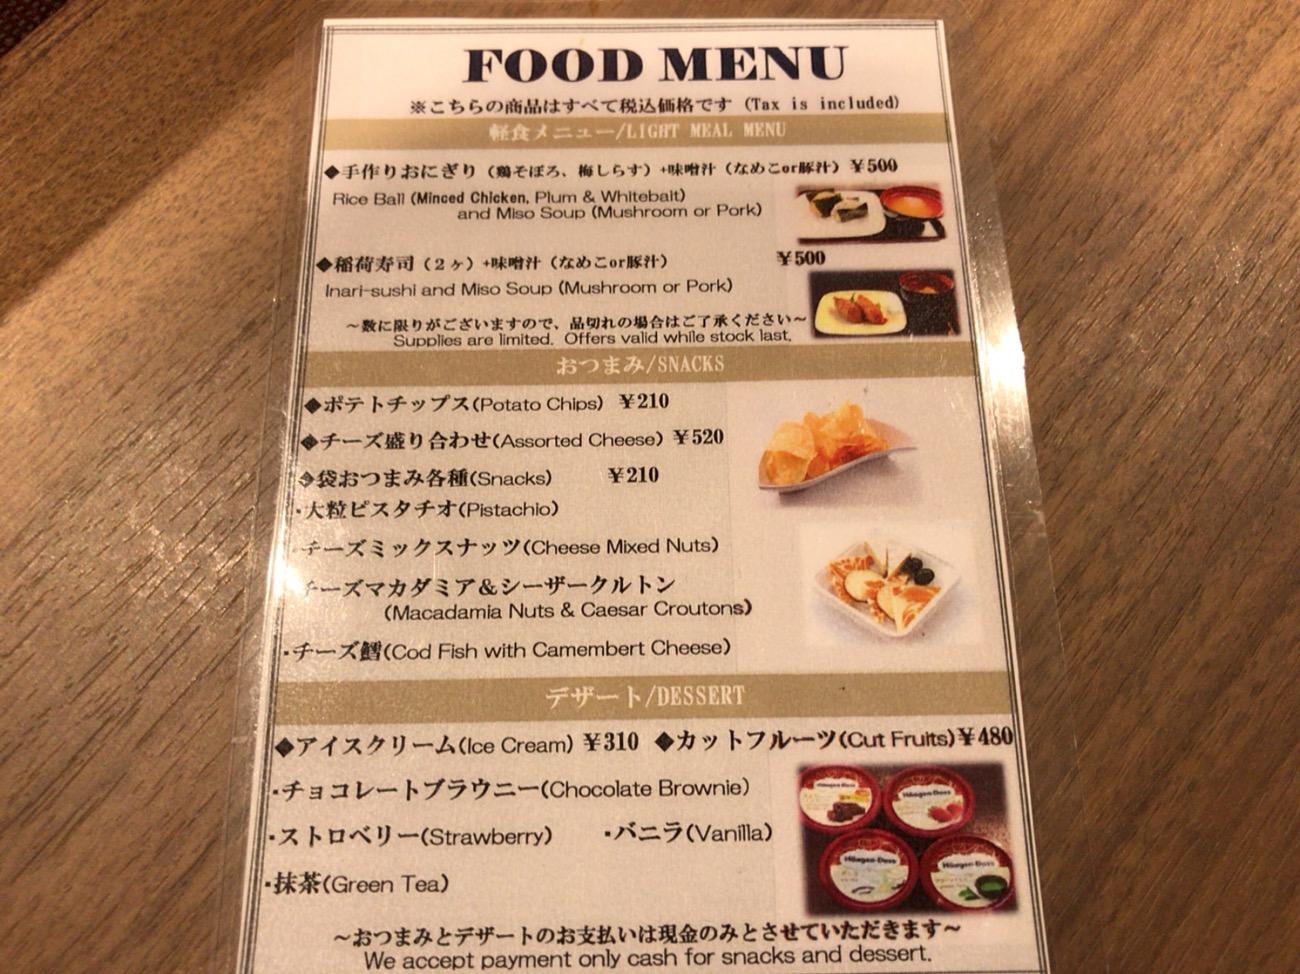 羽田空港国際線 カードラウンジ 無料ラウンジ